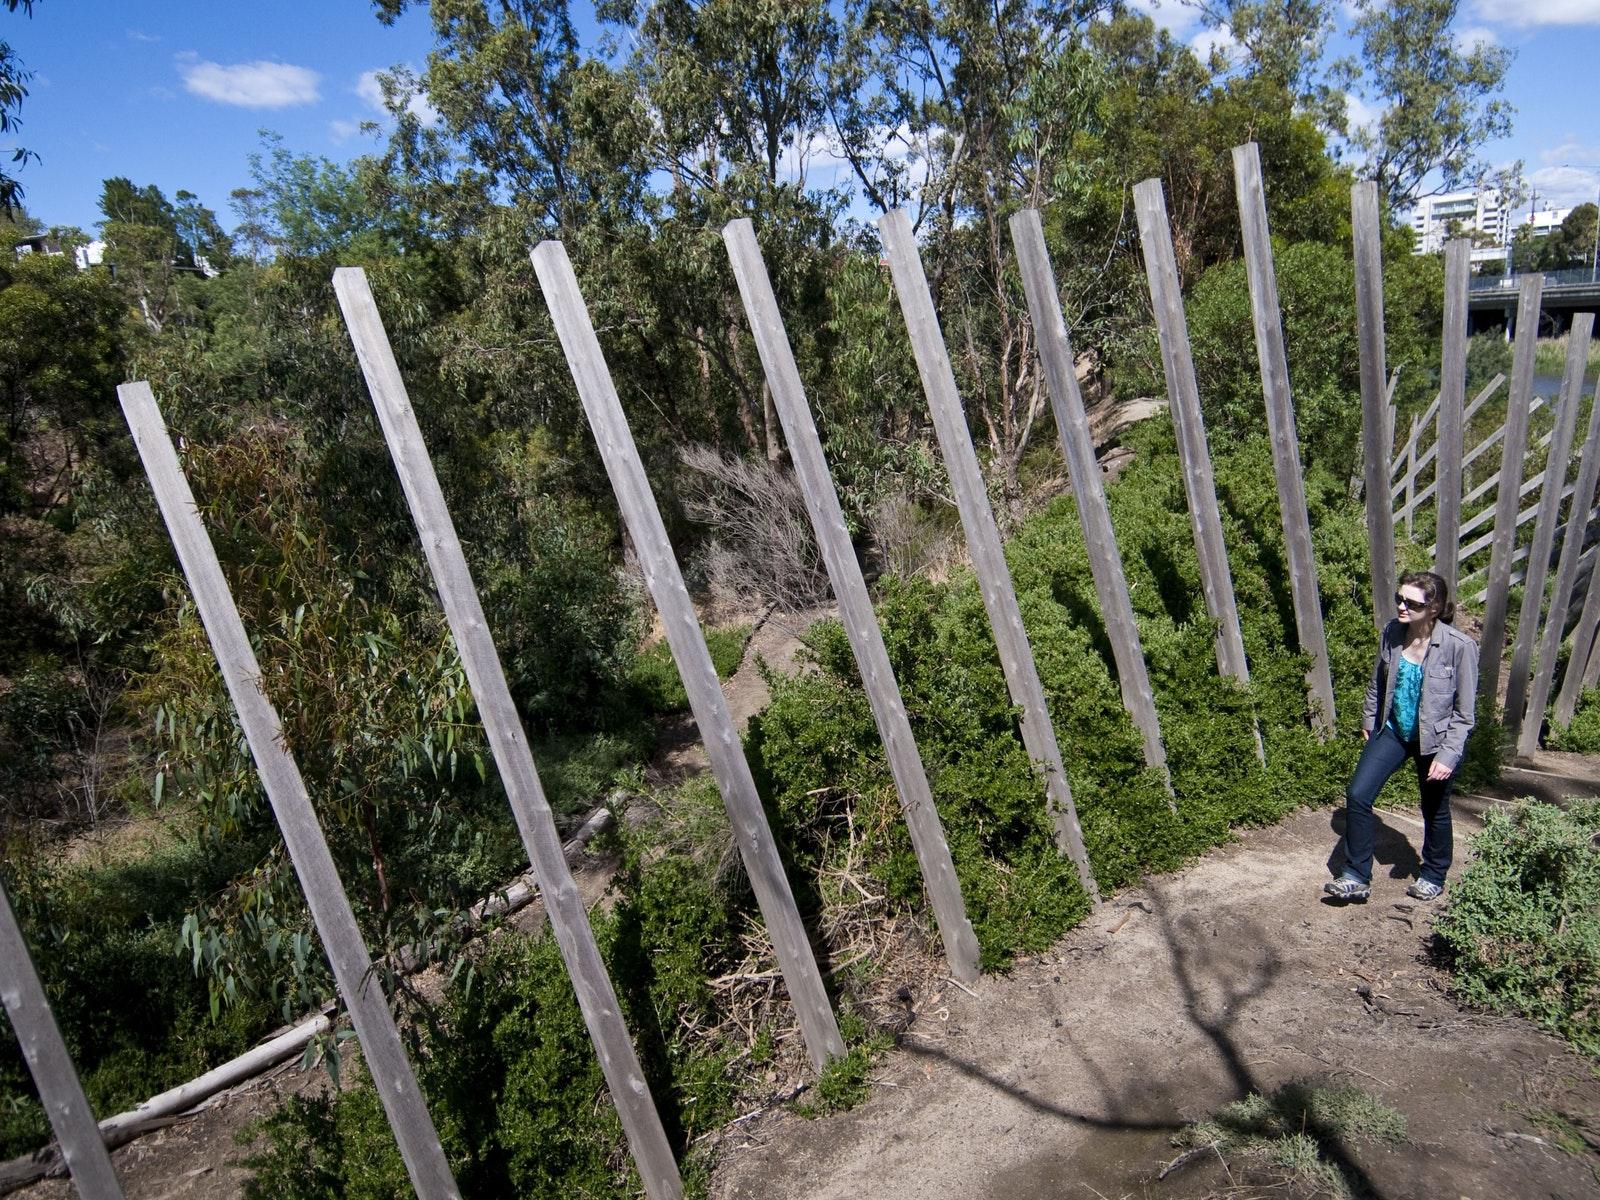 Herry Island Evironmental Sculpture Park